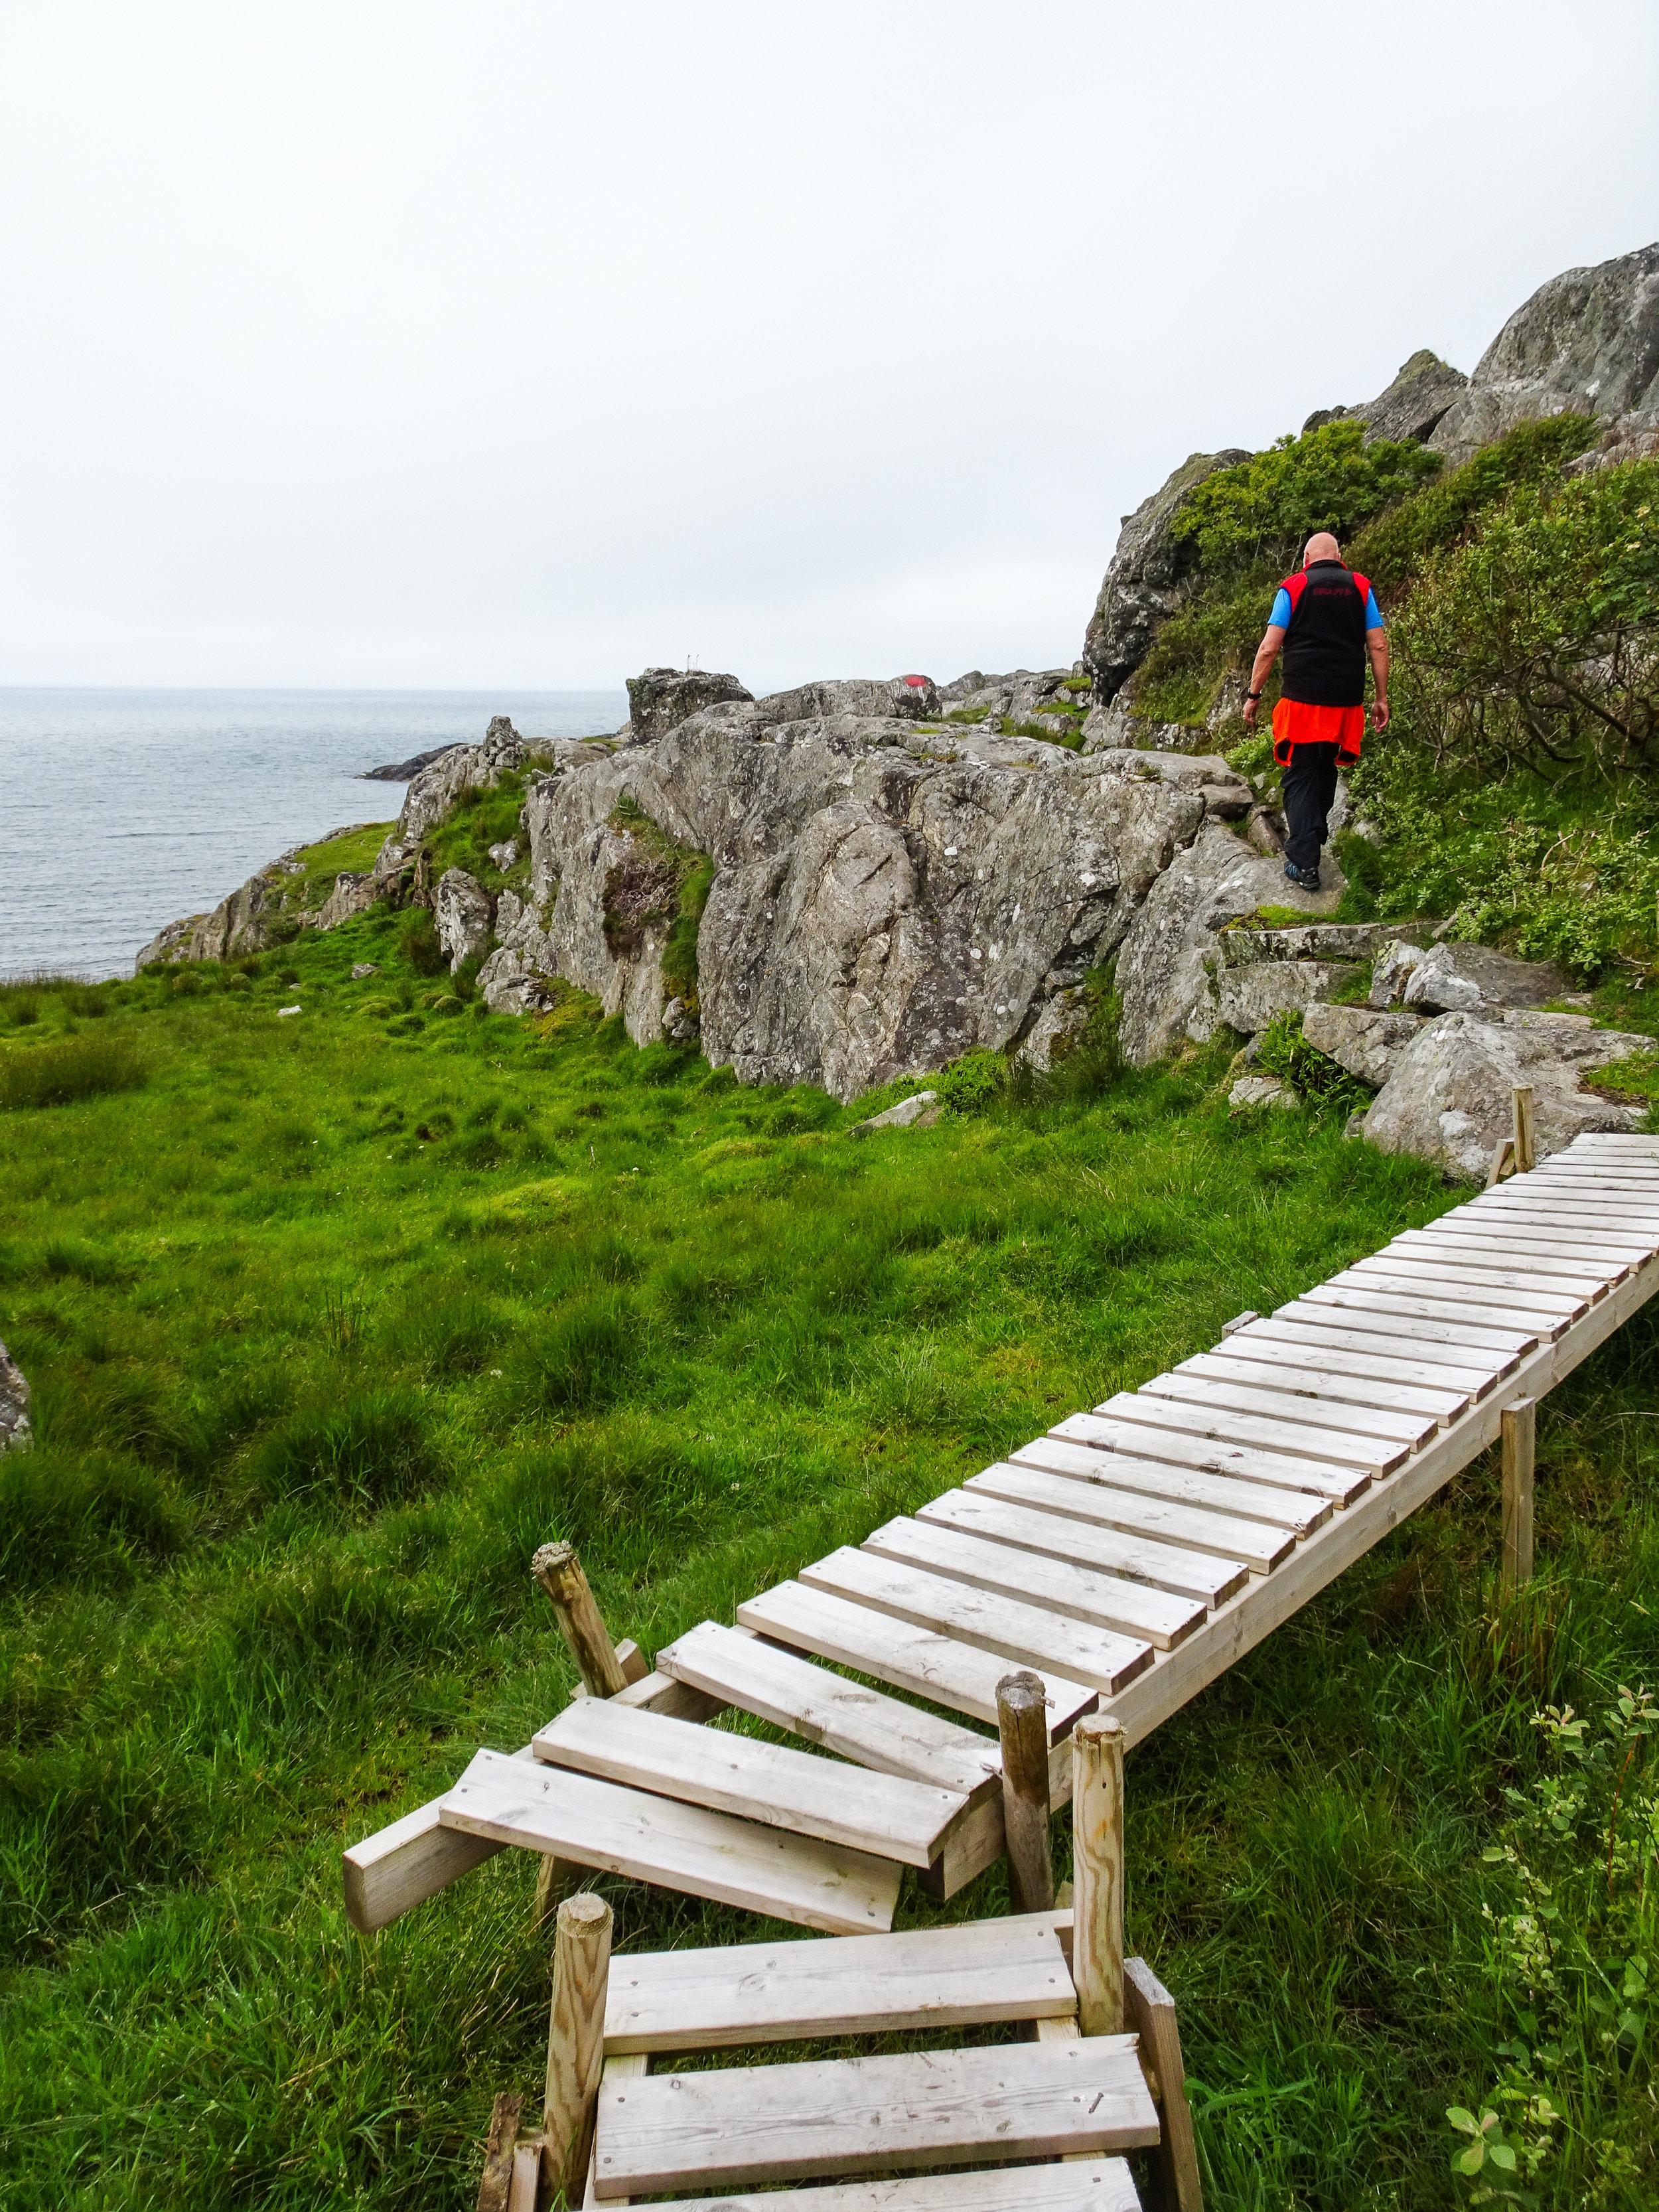 hike viking path utsira.jpg